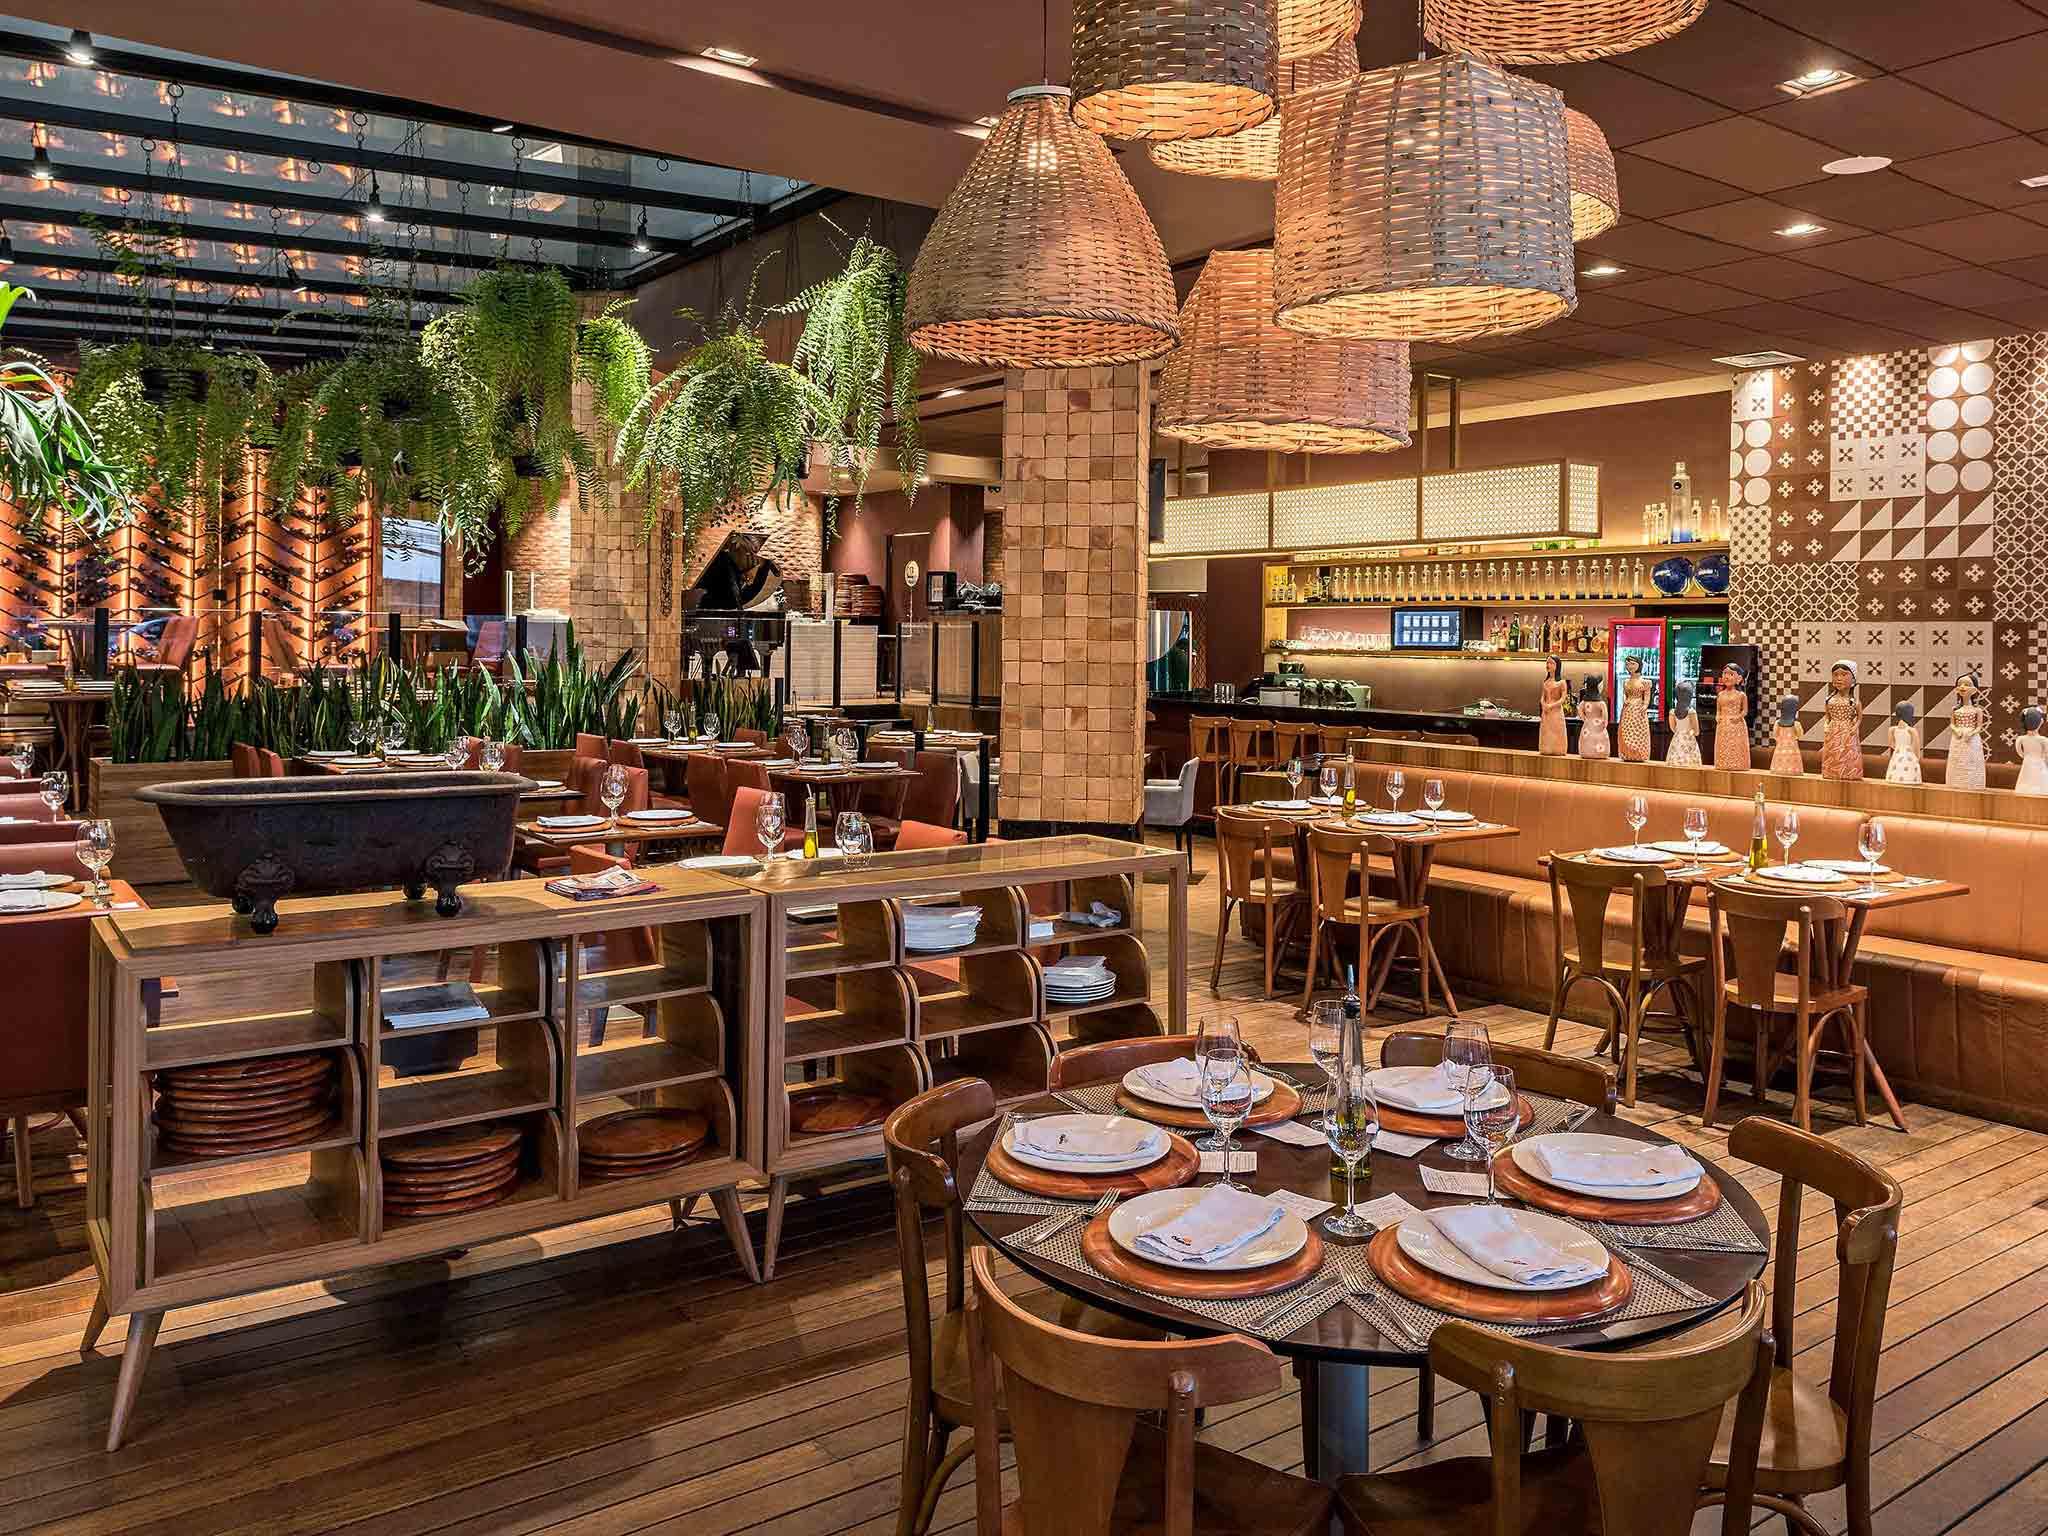 293235356c3 ... Restaurante - Mercure Belo Horizonte Vila da Serra Hotel ...